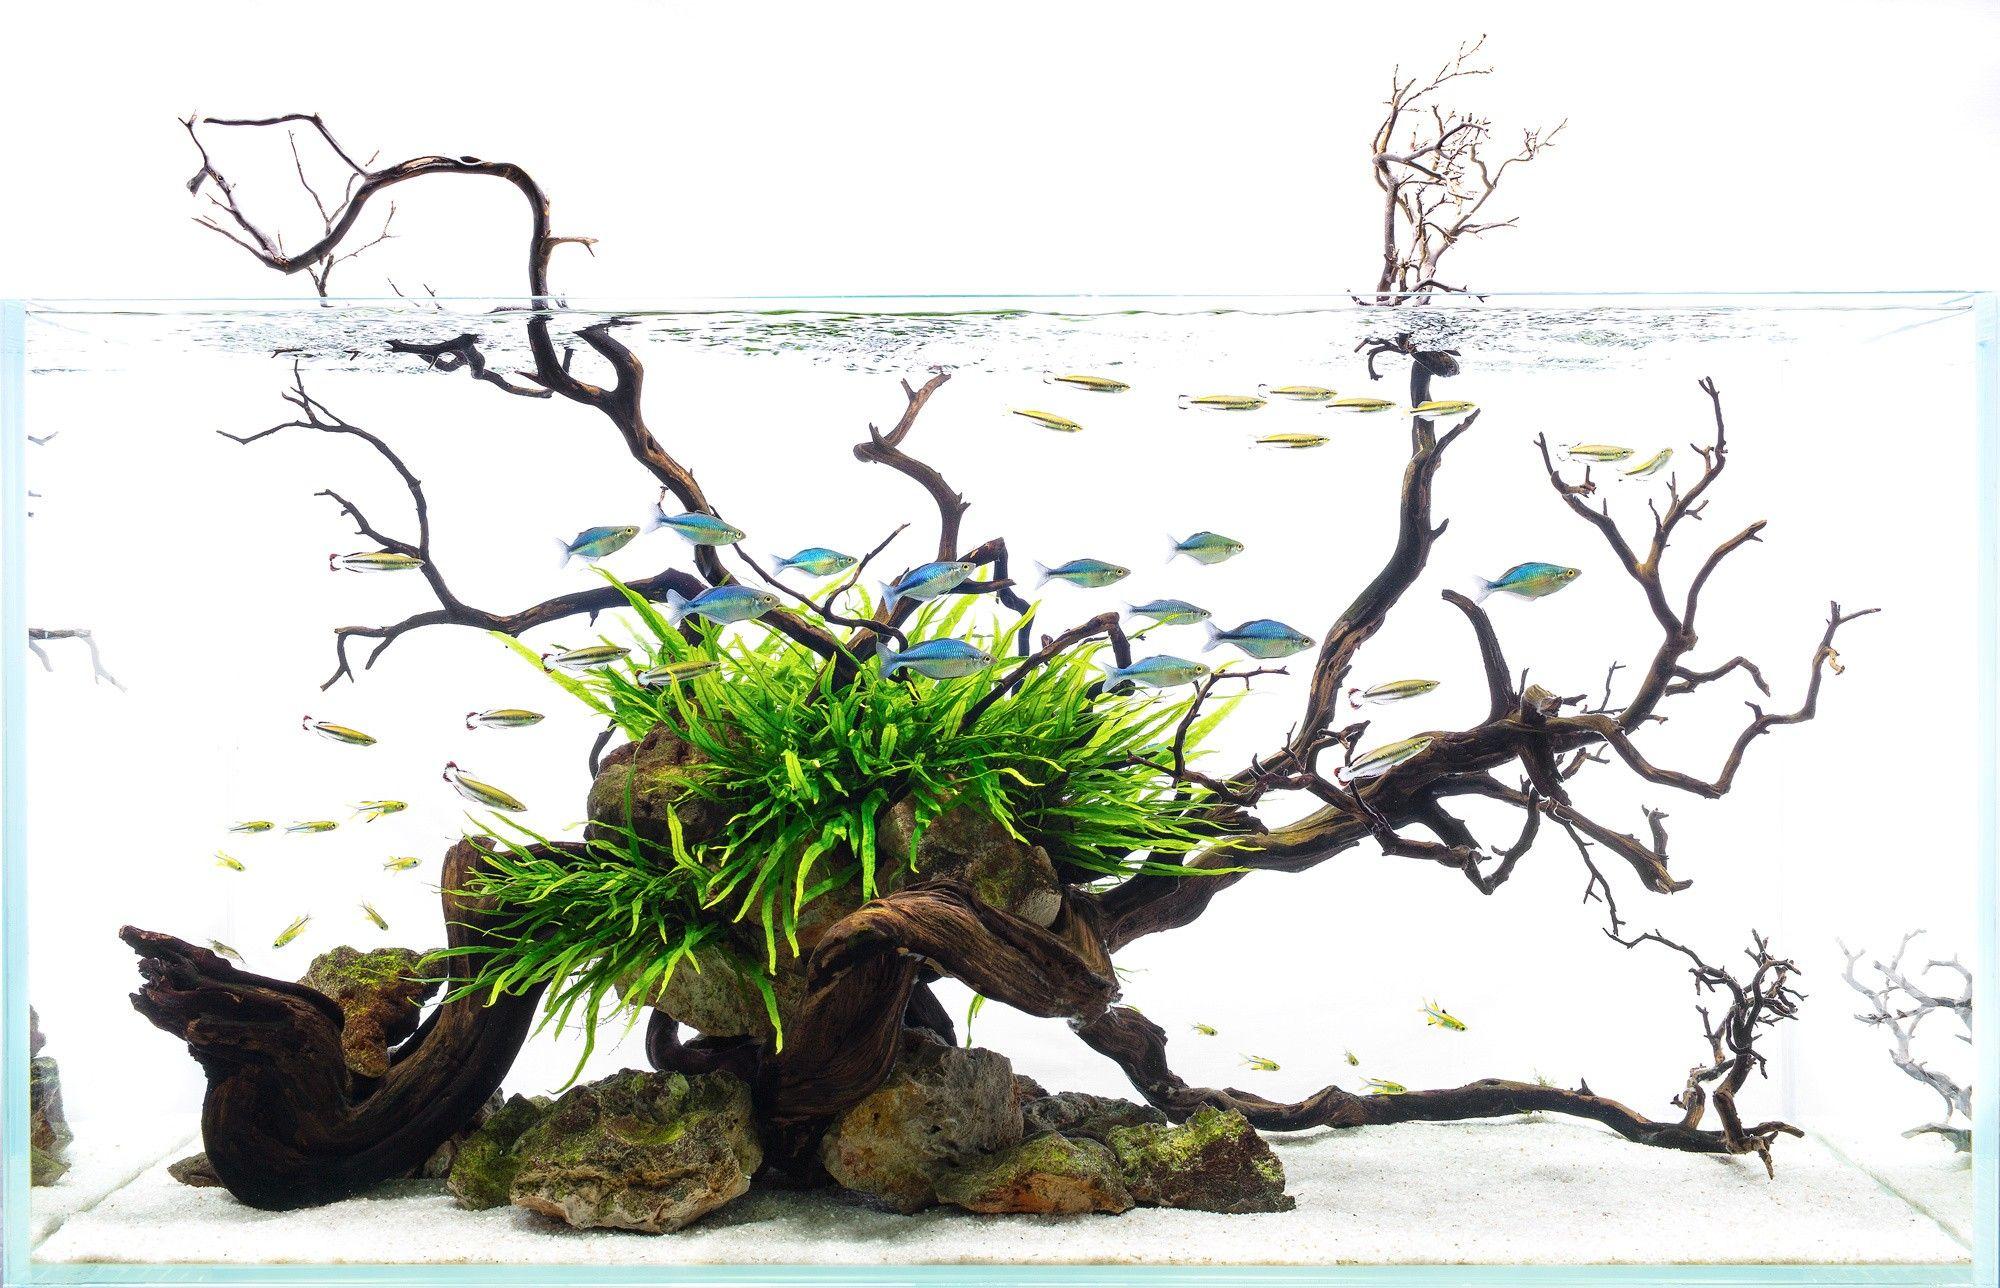 2a703ce529549a89cb1a084069ee02ad Frais De Aquarium En Bois Schème